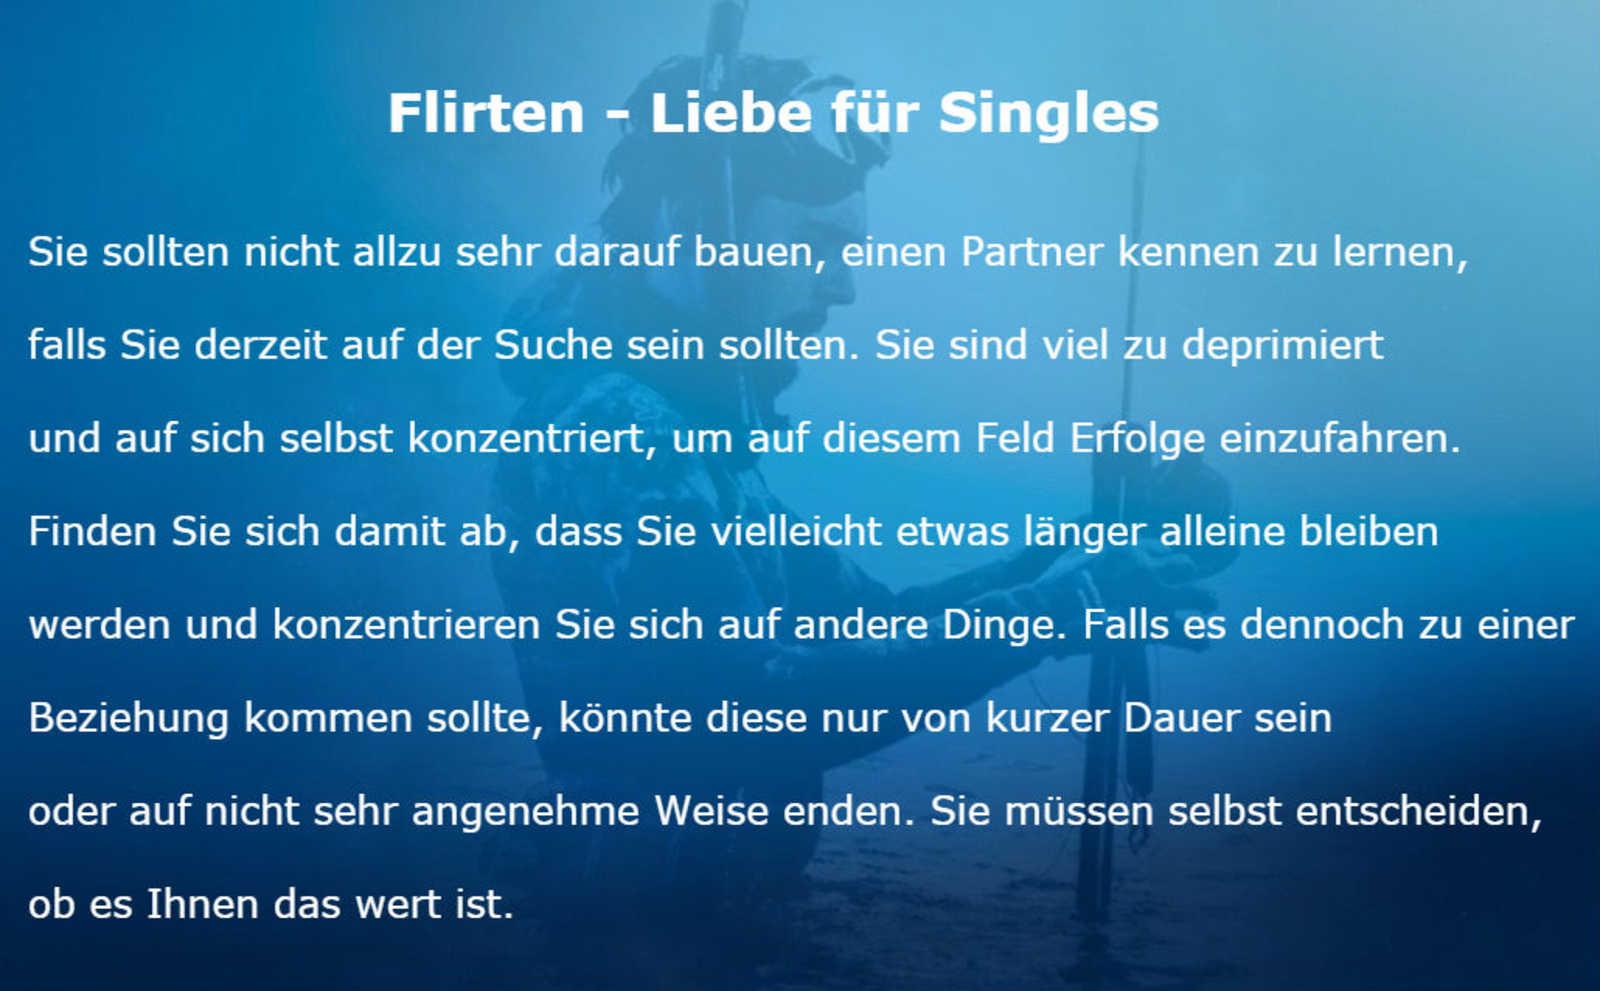 site, with Künstliche befruchtung single schweiz consider, that you commit